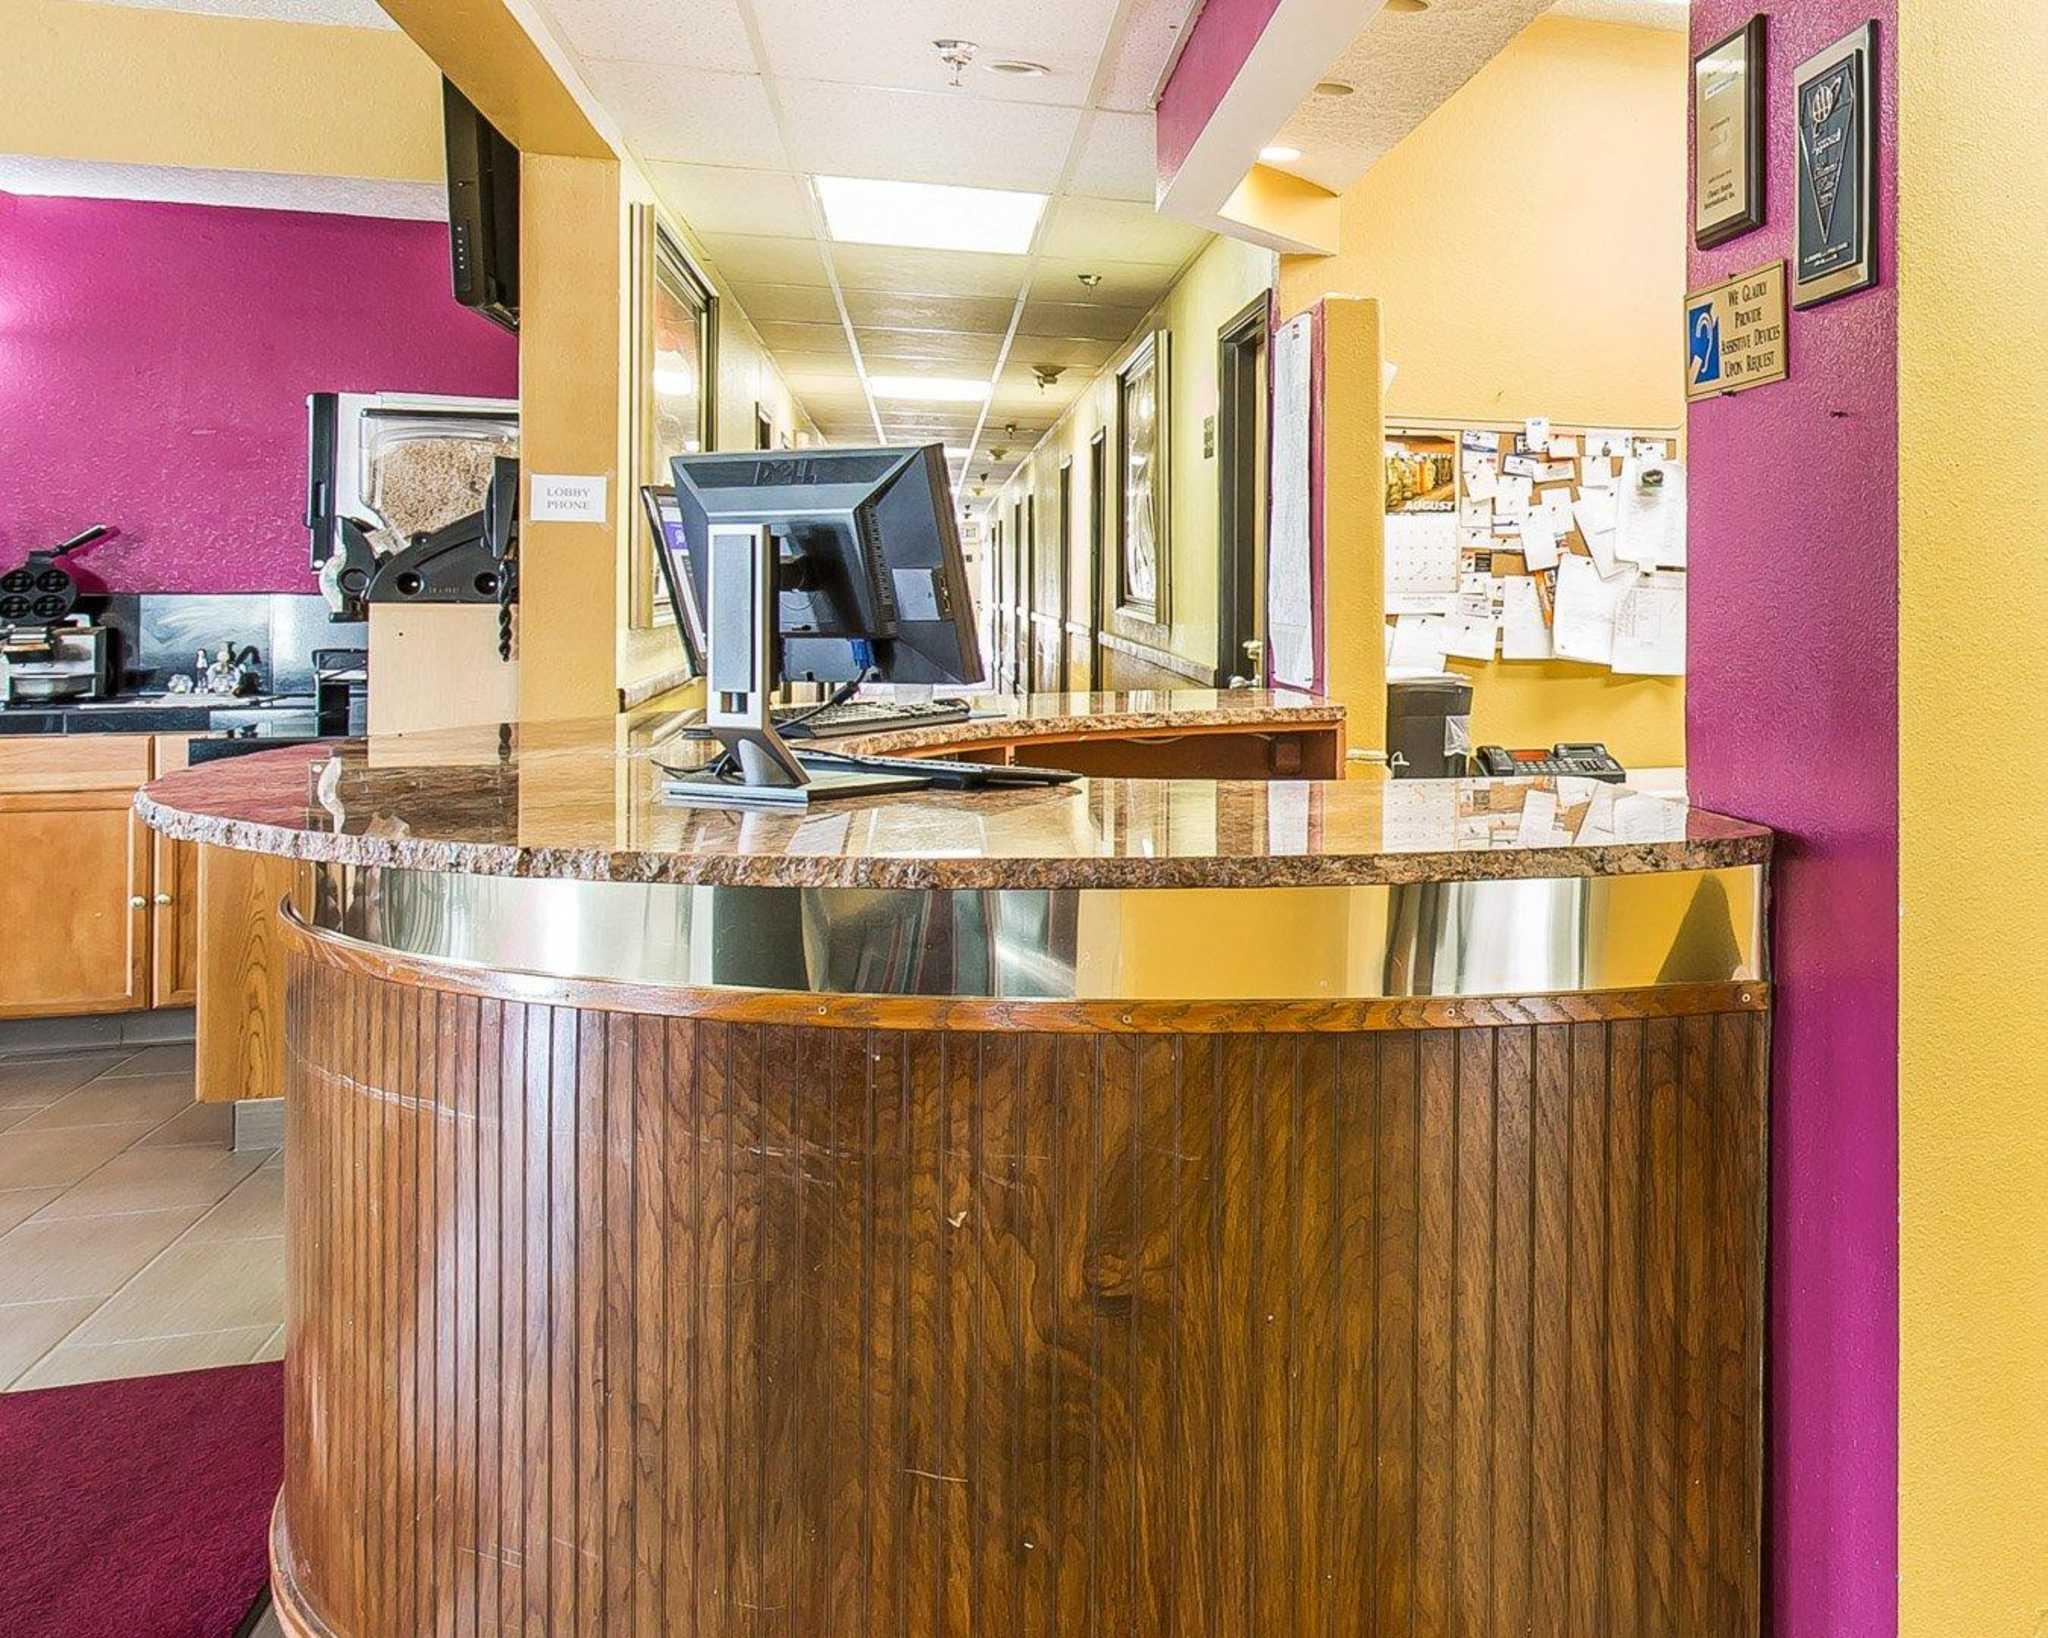 Rodeway Inn & Suites image 23